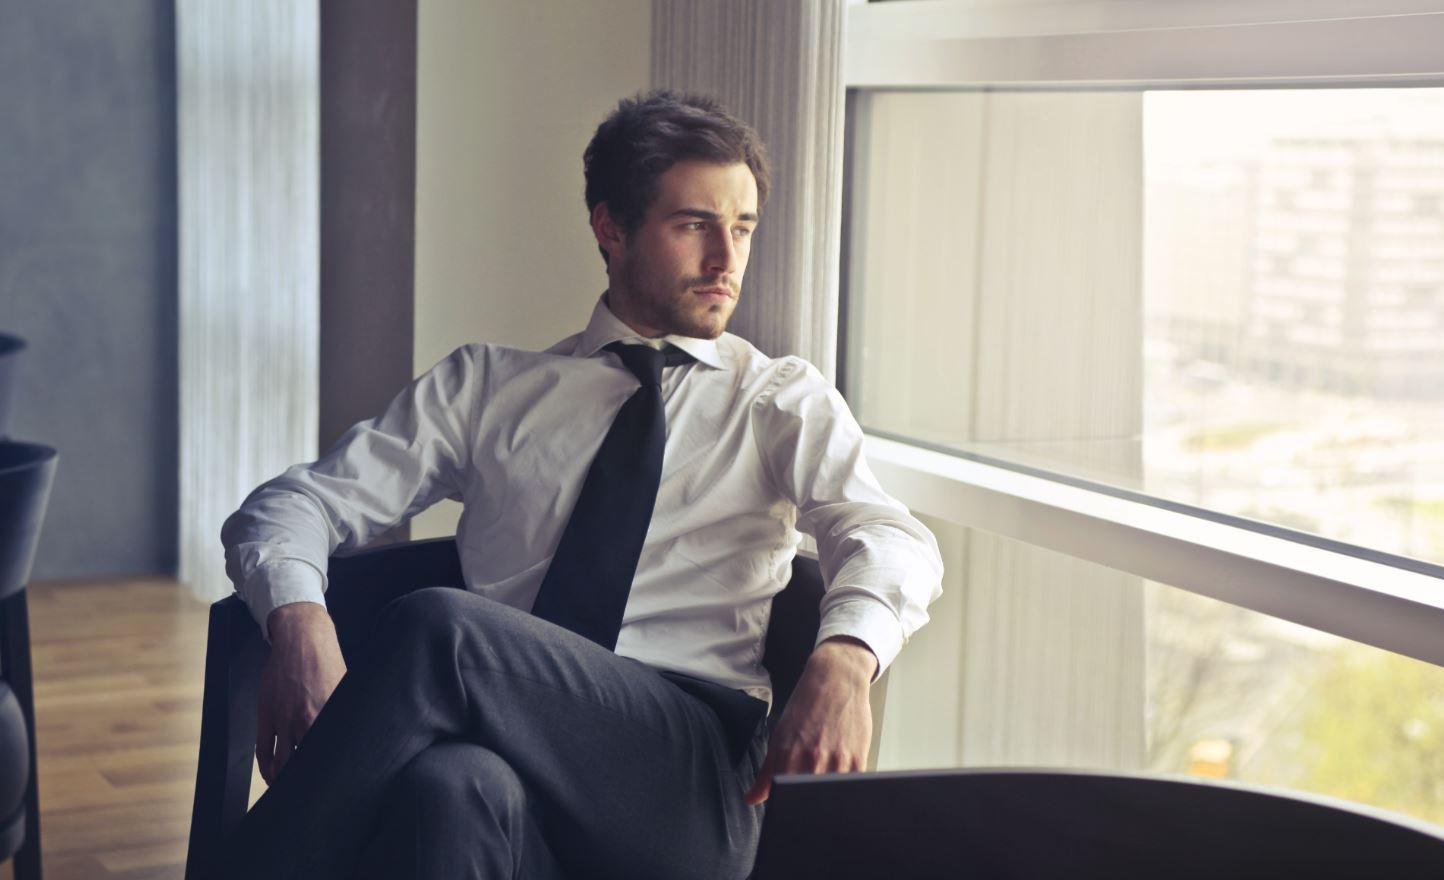 Jak ubrać się do biura – mężczyzna